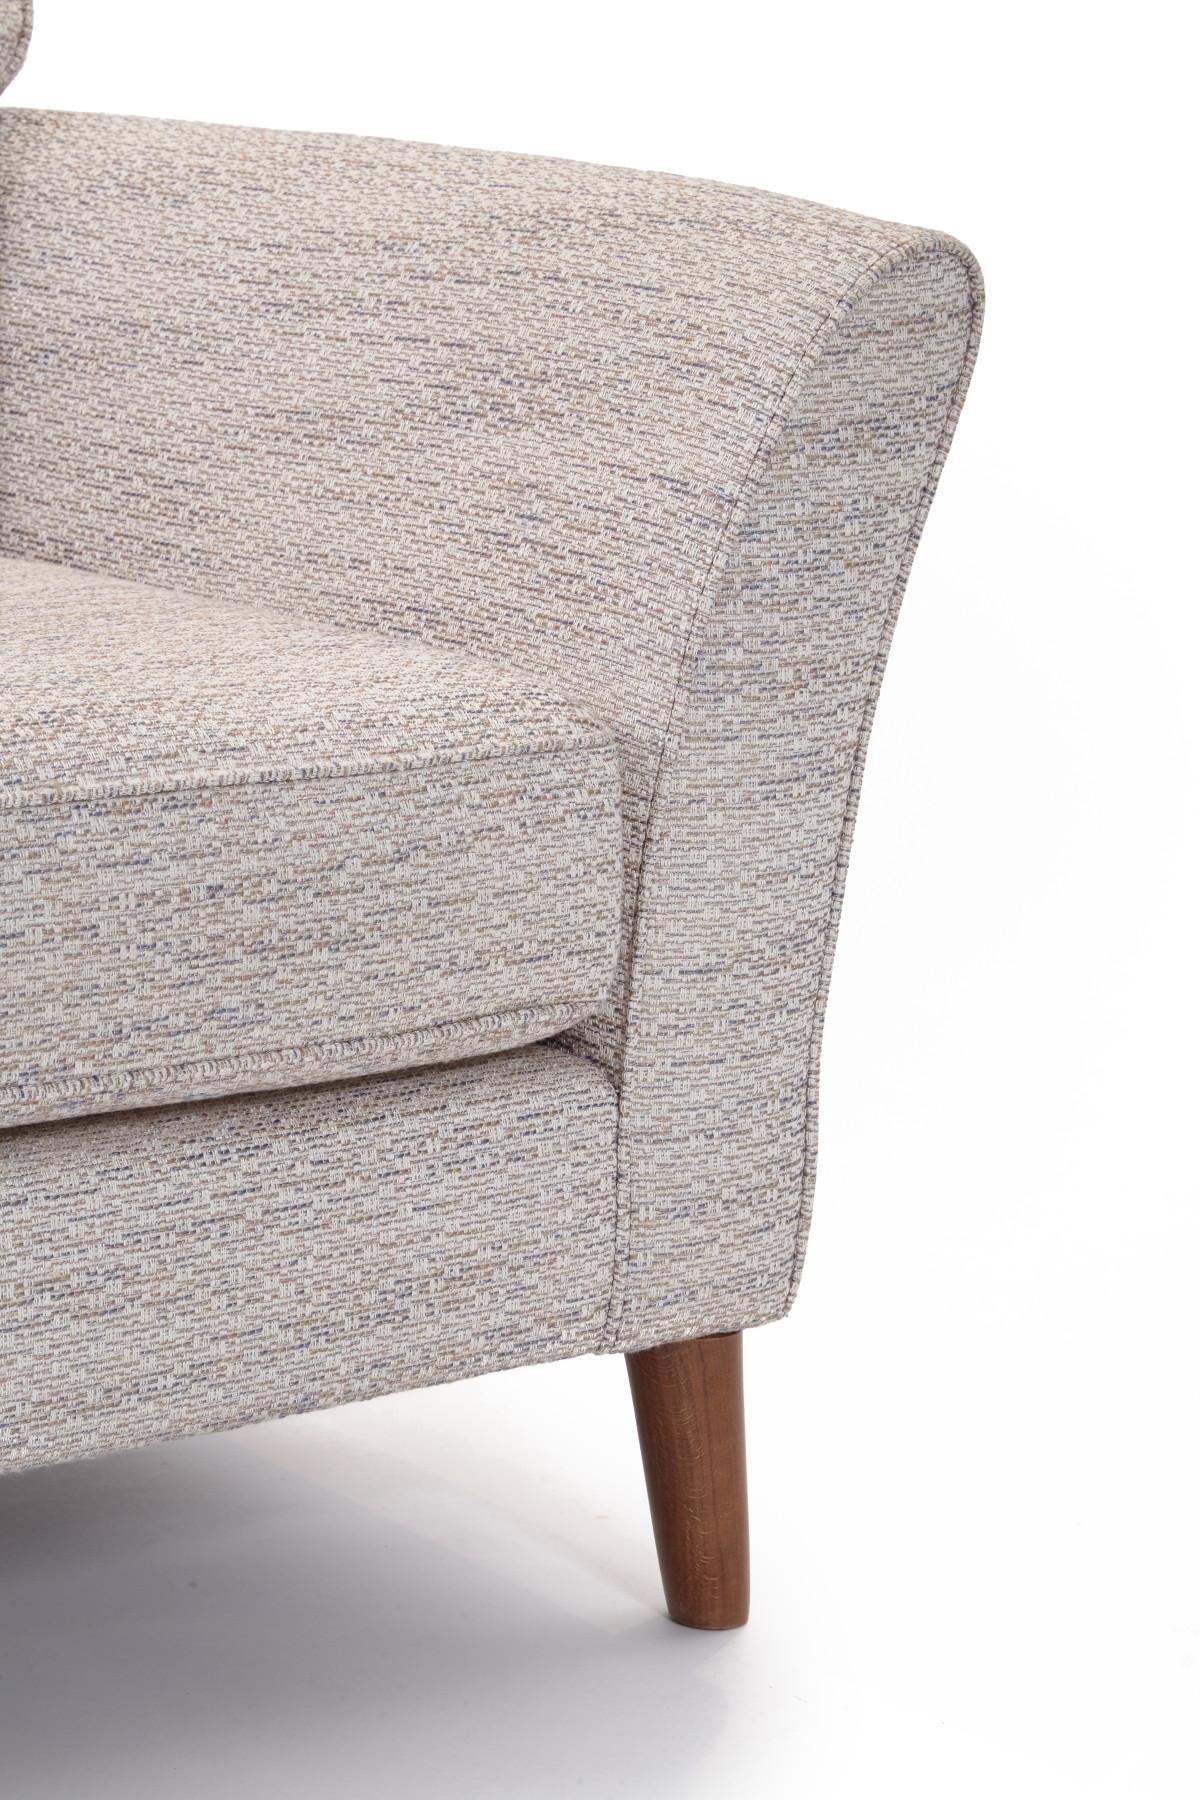 Hindley Armchair